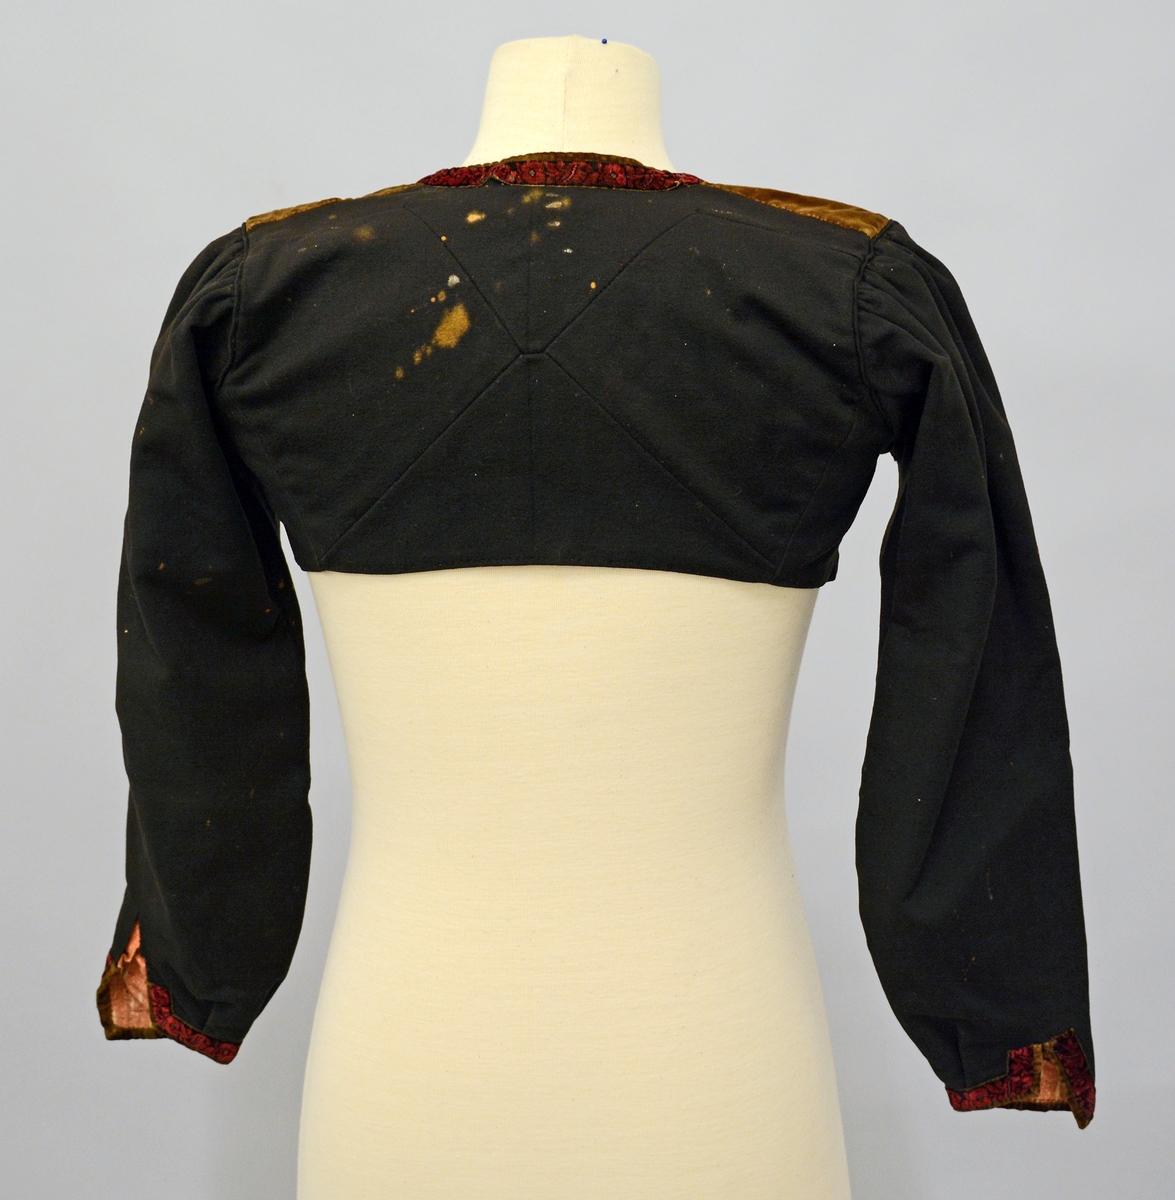 Kvinnetrøye i svart klede uten krage. Trøyen kan ikke lukkes: jakkeslagene går i en skrå ned til hver sidesøm. Baksiden er sydd sammen av 4 stk trekanter på midten. Ermene er rynket på baksiden. Dekoren er  kanting av brunt fløyel og et bredere mørkerødt bånd foran og på emsplittene. Samme brune tøy er benyttet på skuldrene. Innvendig er trøyen hel fòret med mønstret bomullstøy.Trøyen er misfarget bak og har små hull.